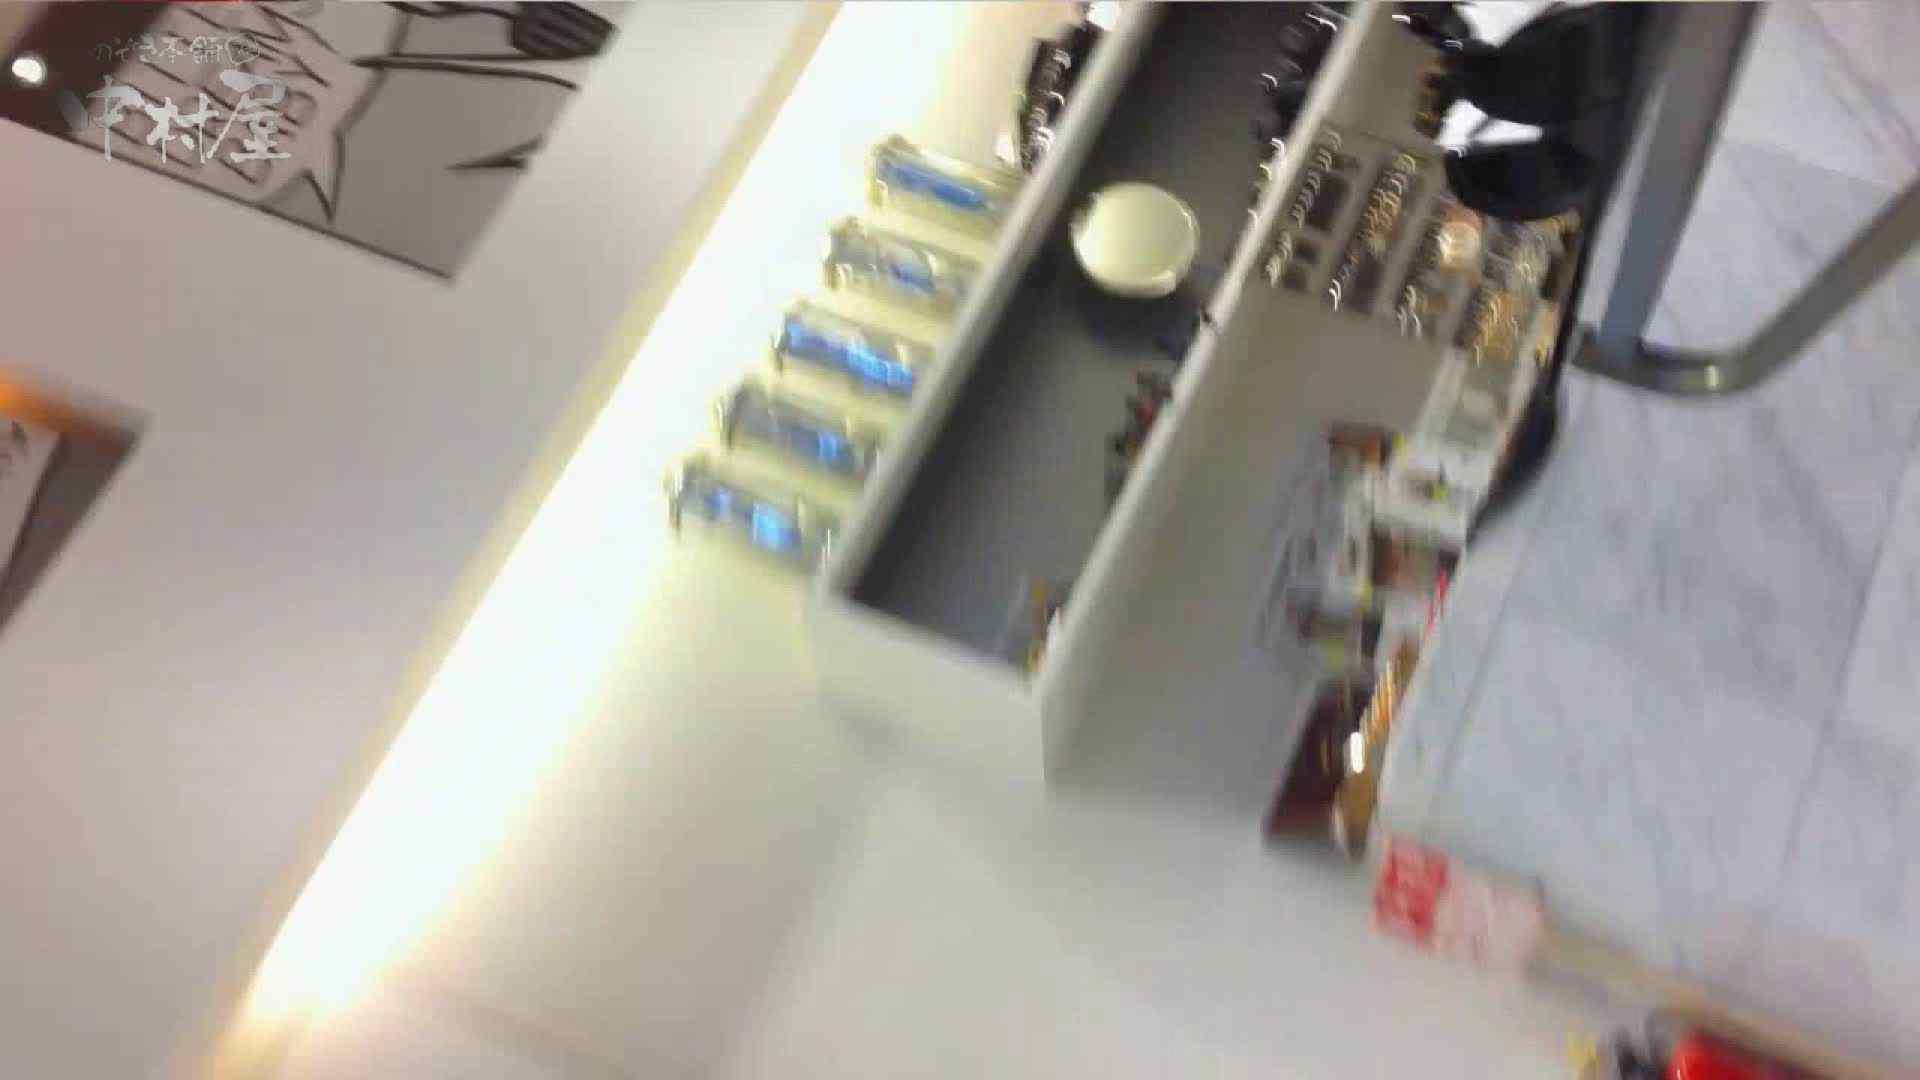 vol.74 美人アパレル胸チラ&パンチラ ブカブカセーターあざっす! パンチラ スケベ動画紹介 11枚 11